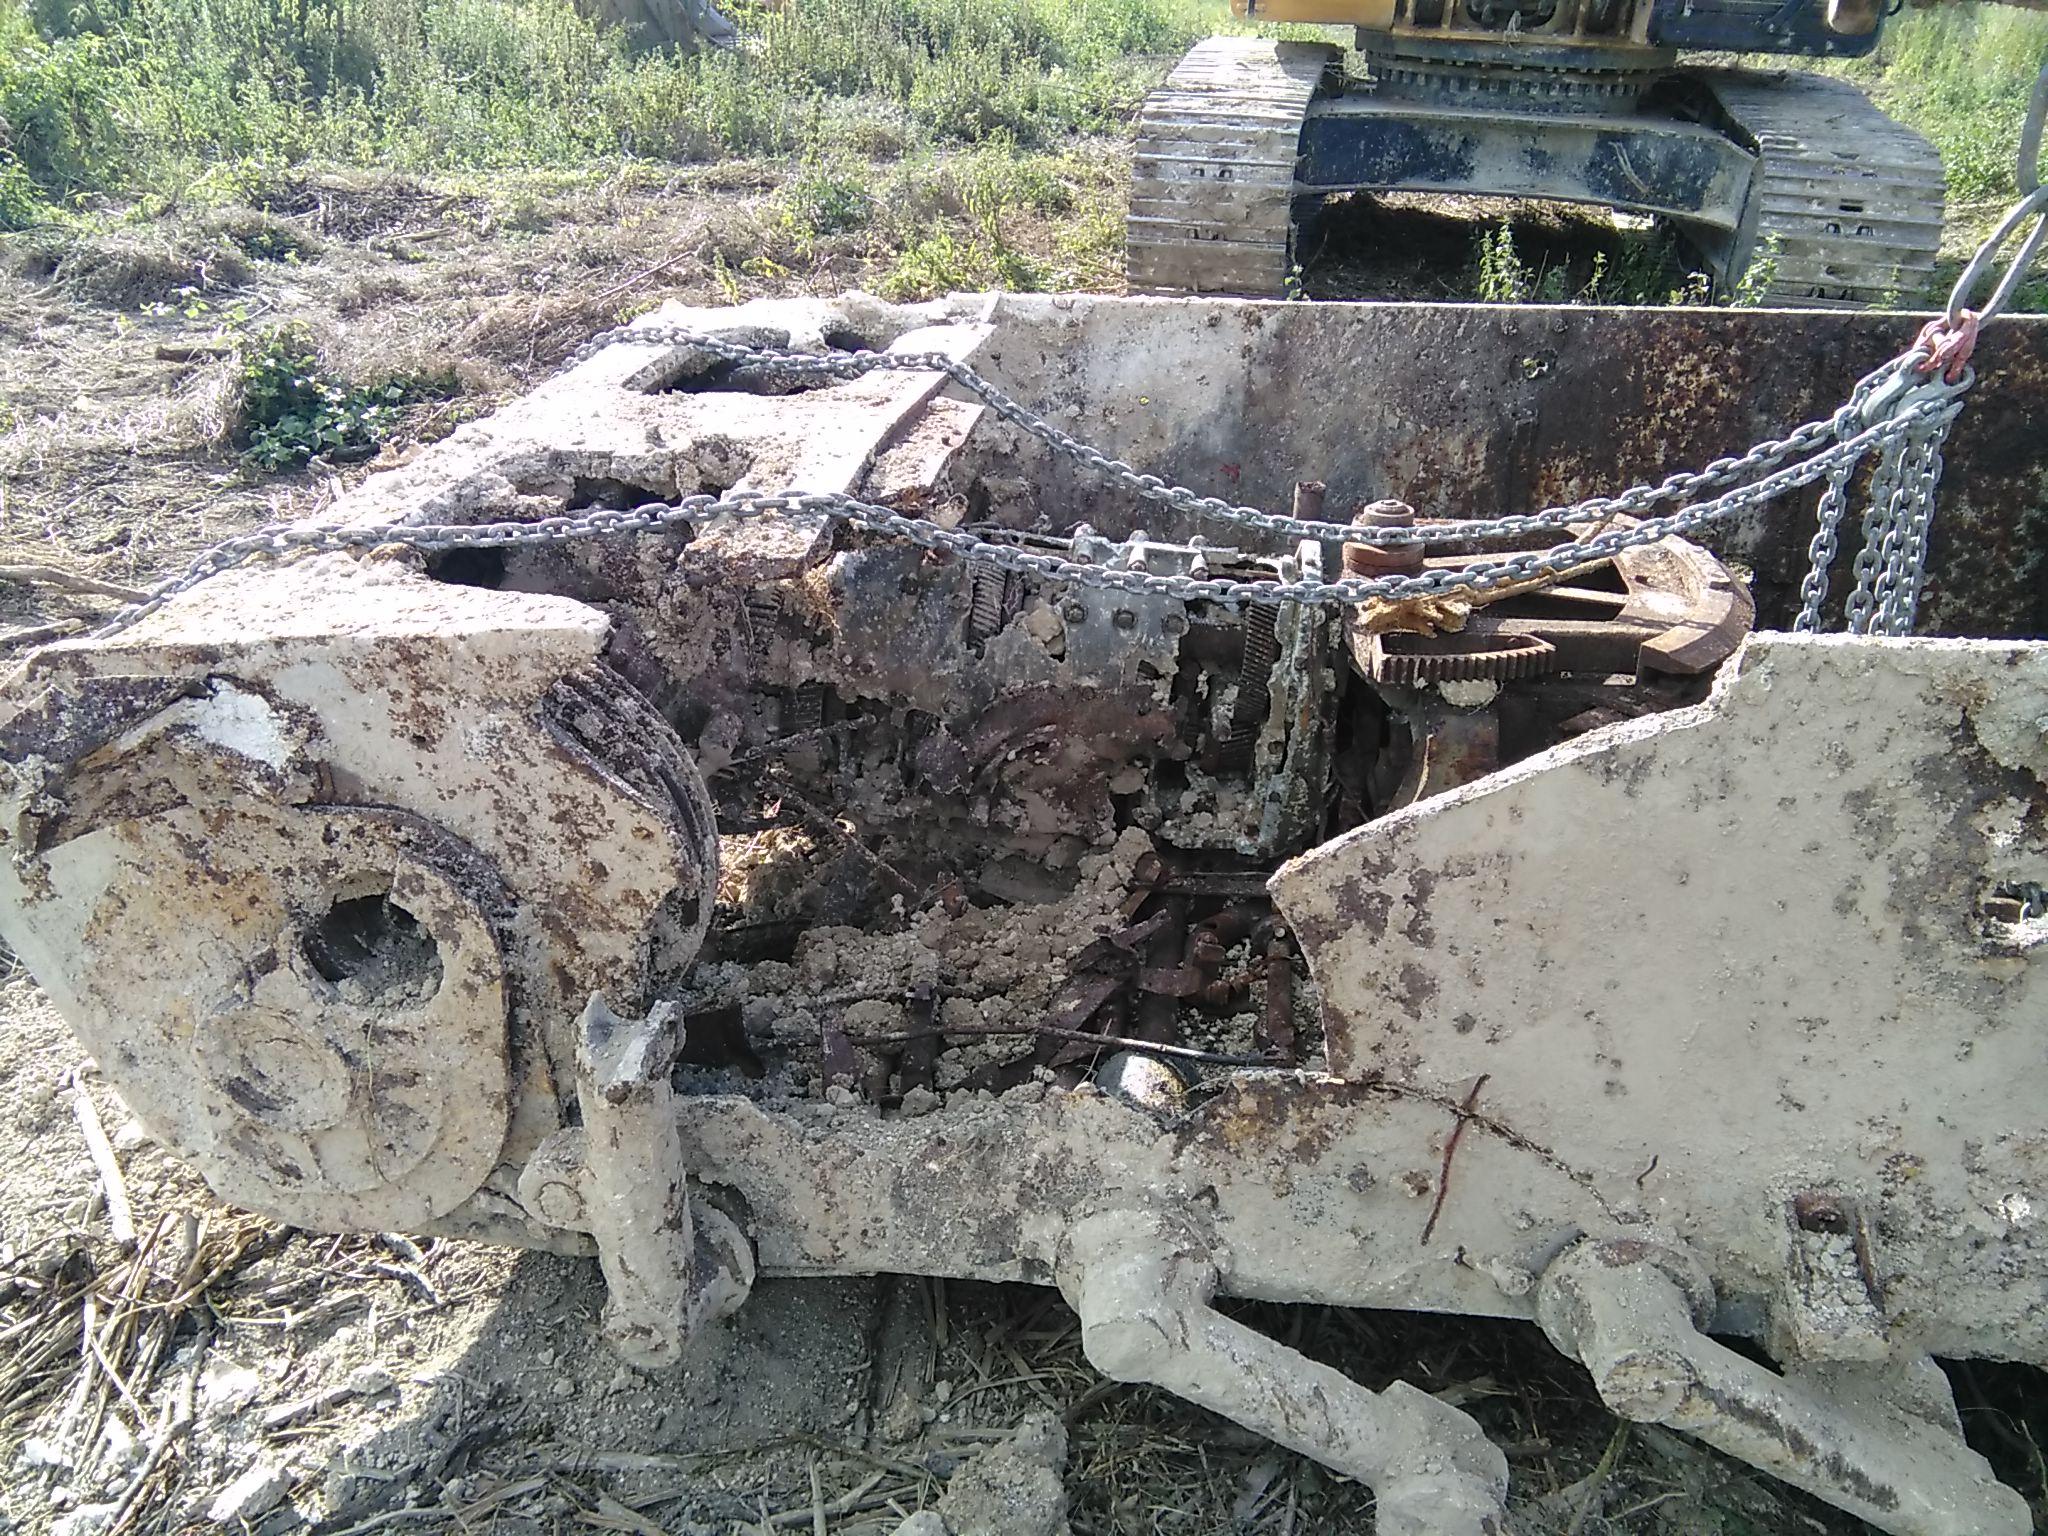 Un panzer découvert près d'Epernay 92511515072906372213110613476980